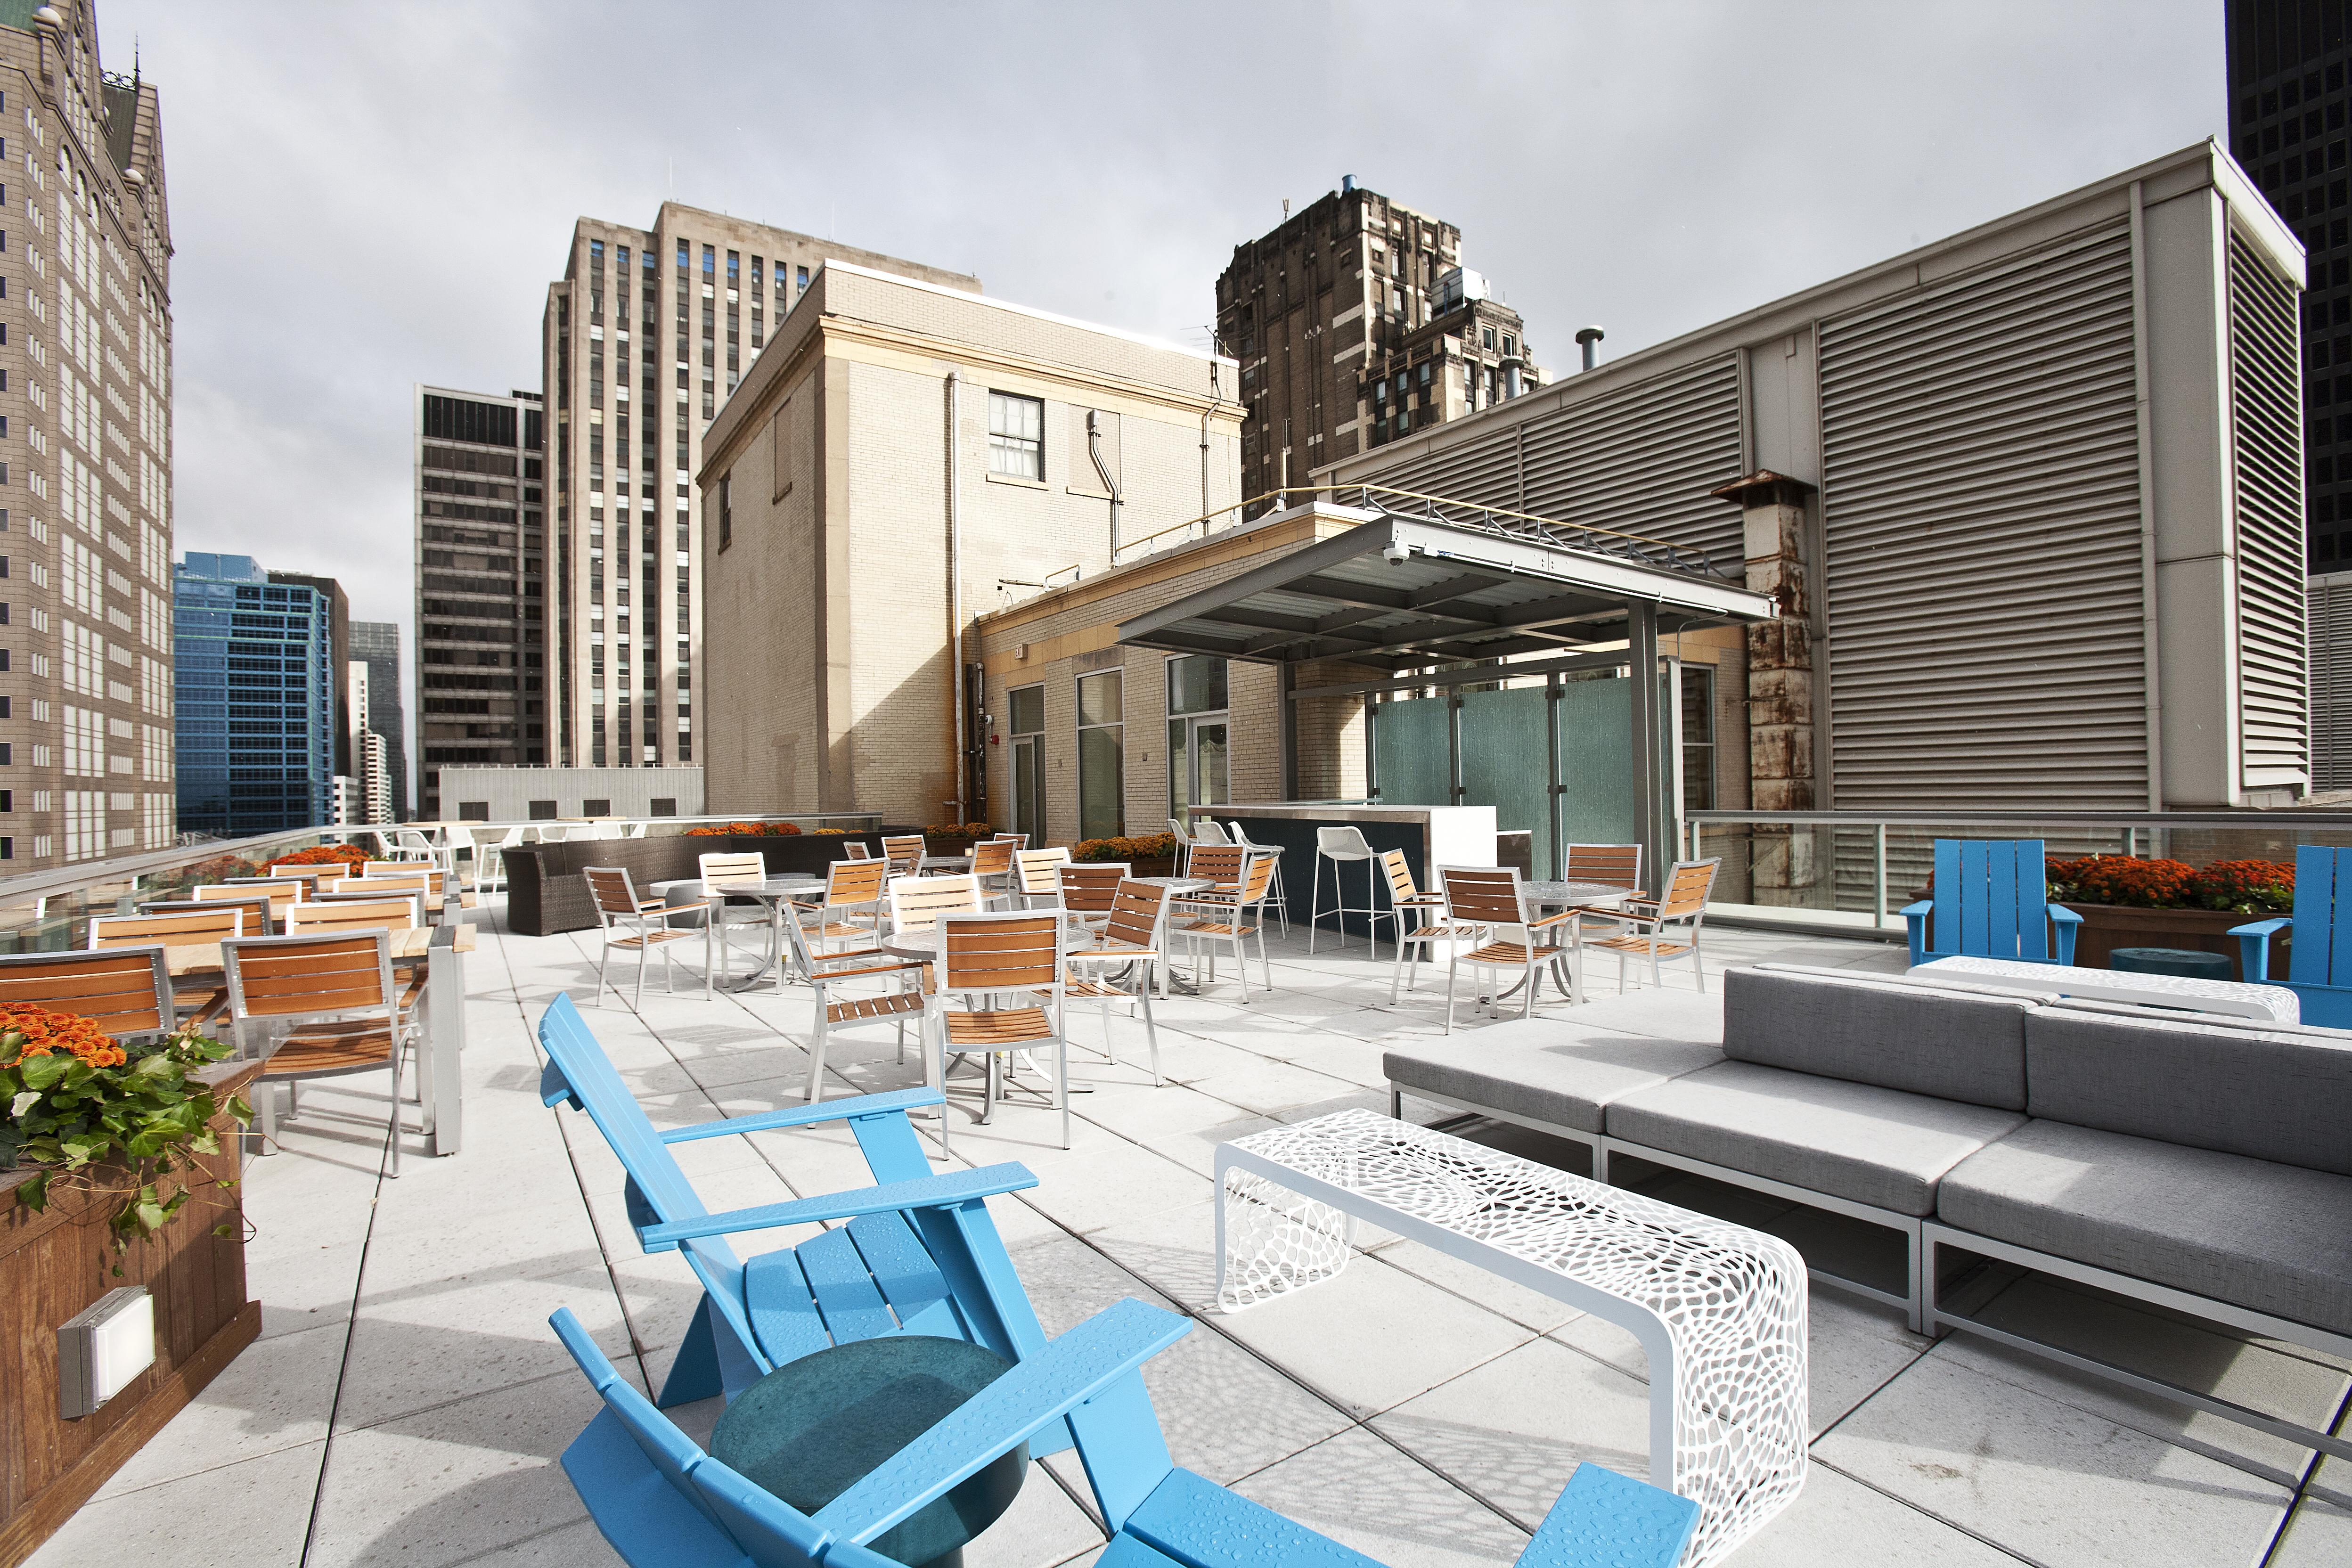 231 N. Lasalle - Roof Deck